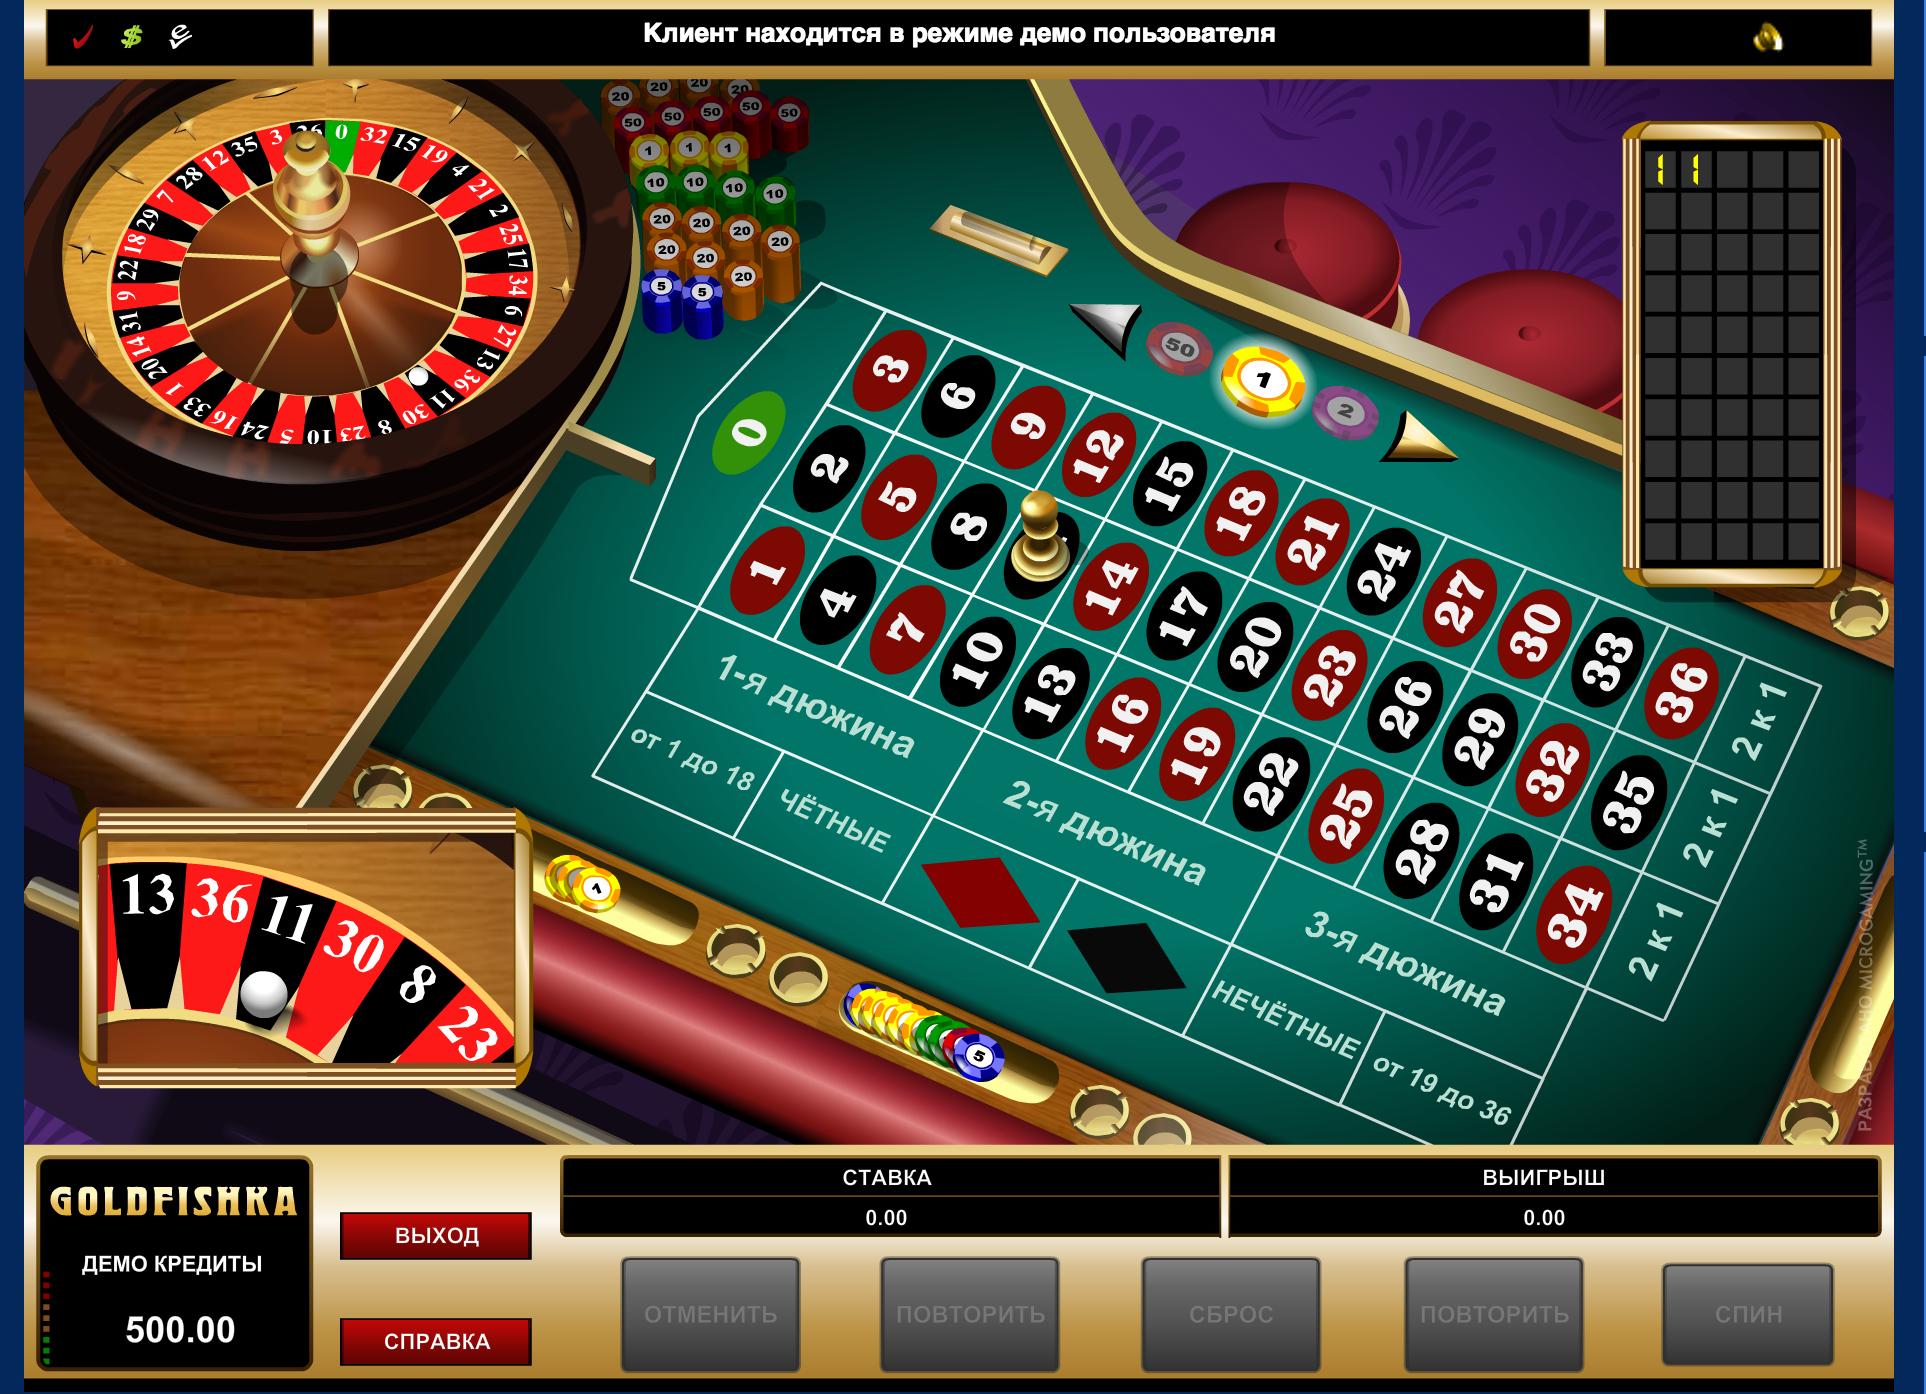 Игровые автоматы dragon slayer играть онлайн как играть в карты гадкий я 3 из магнита